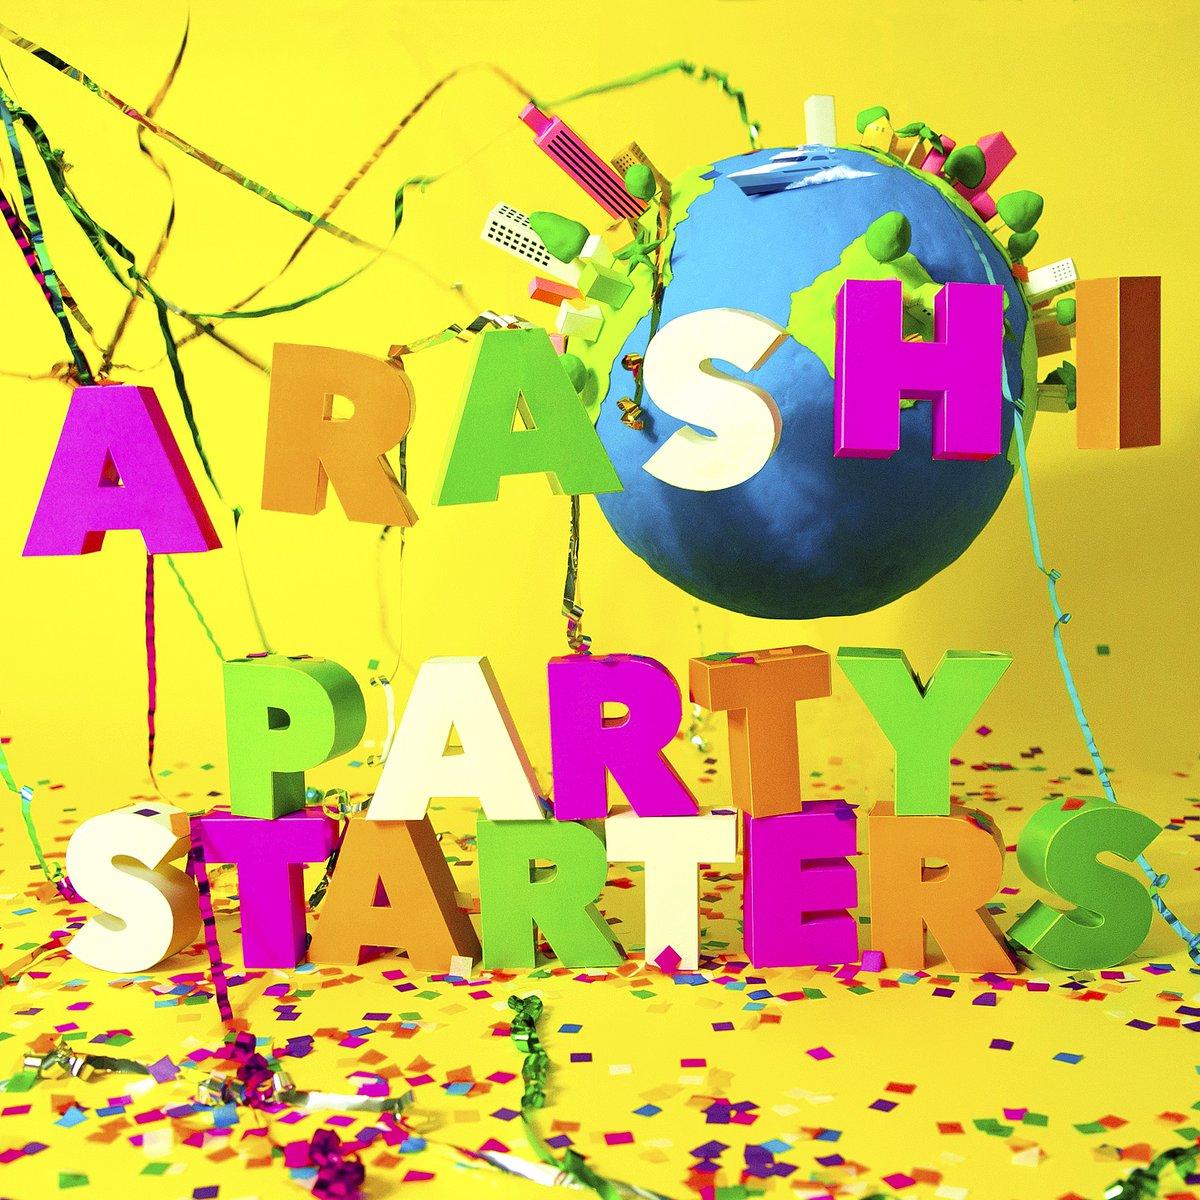 ━━━━━━━━━━🌟  どこか懐かしさを感じるサウンドの HAPPYでポジティブなポップソング🇺🇸✨  プレイリストで今すぐ聴こう🎉 🎧  #ARASHI #PartyStarters